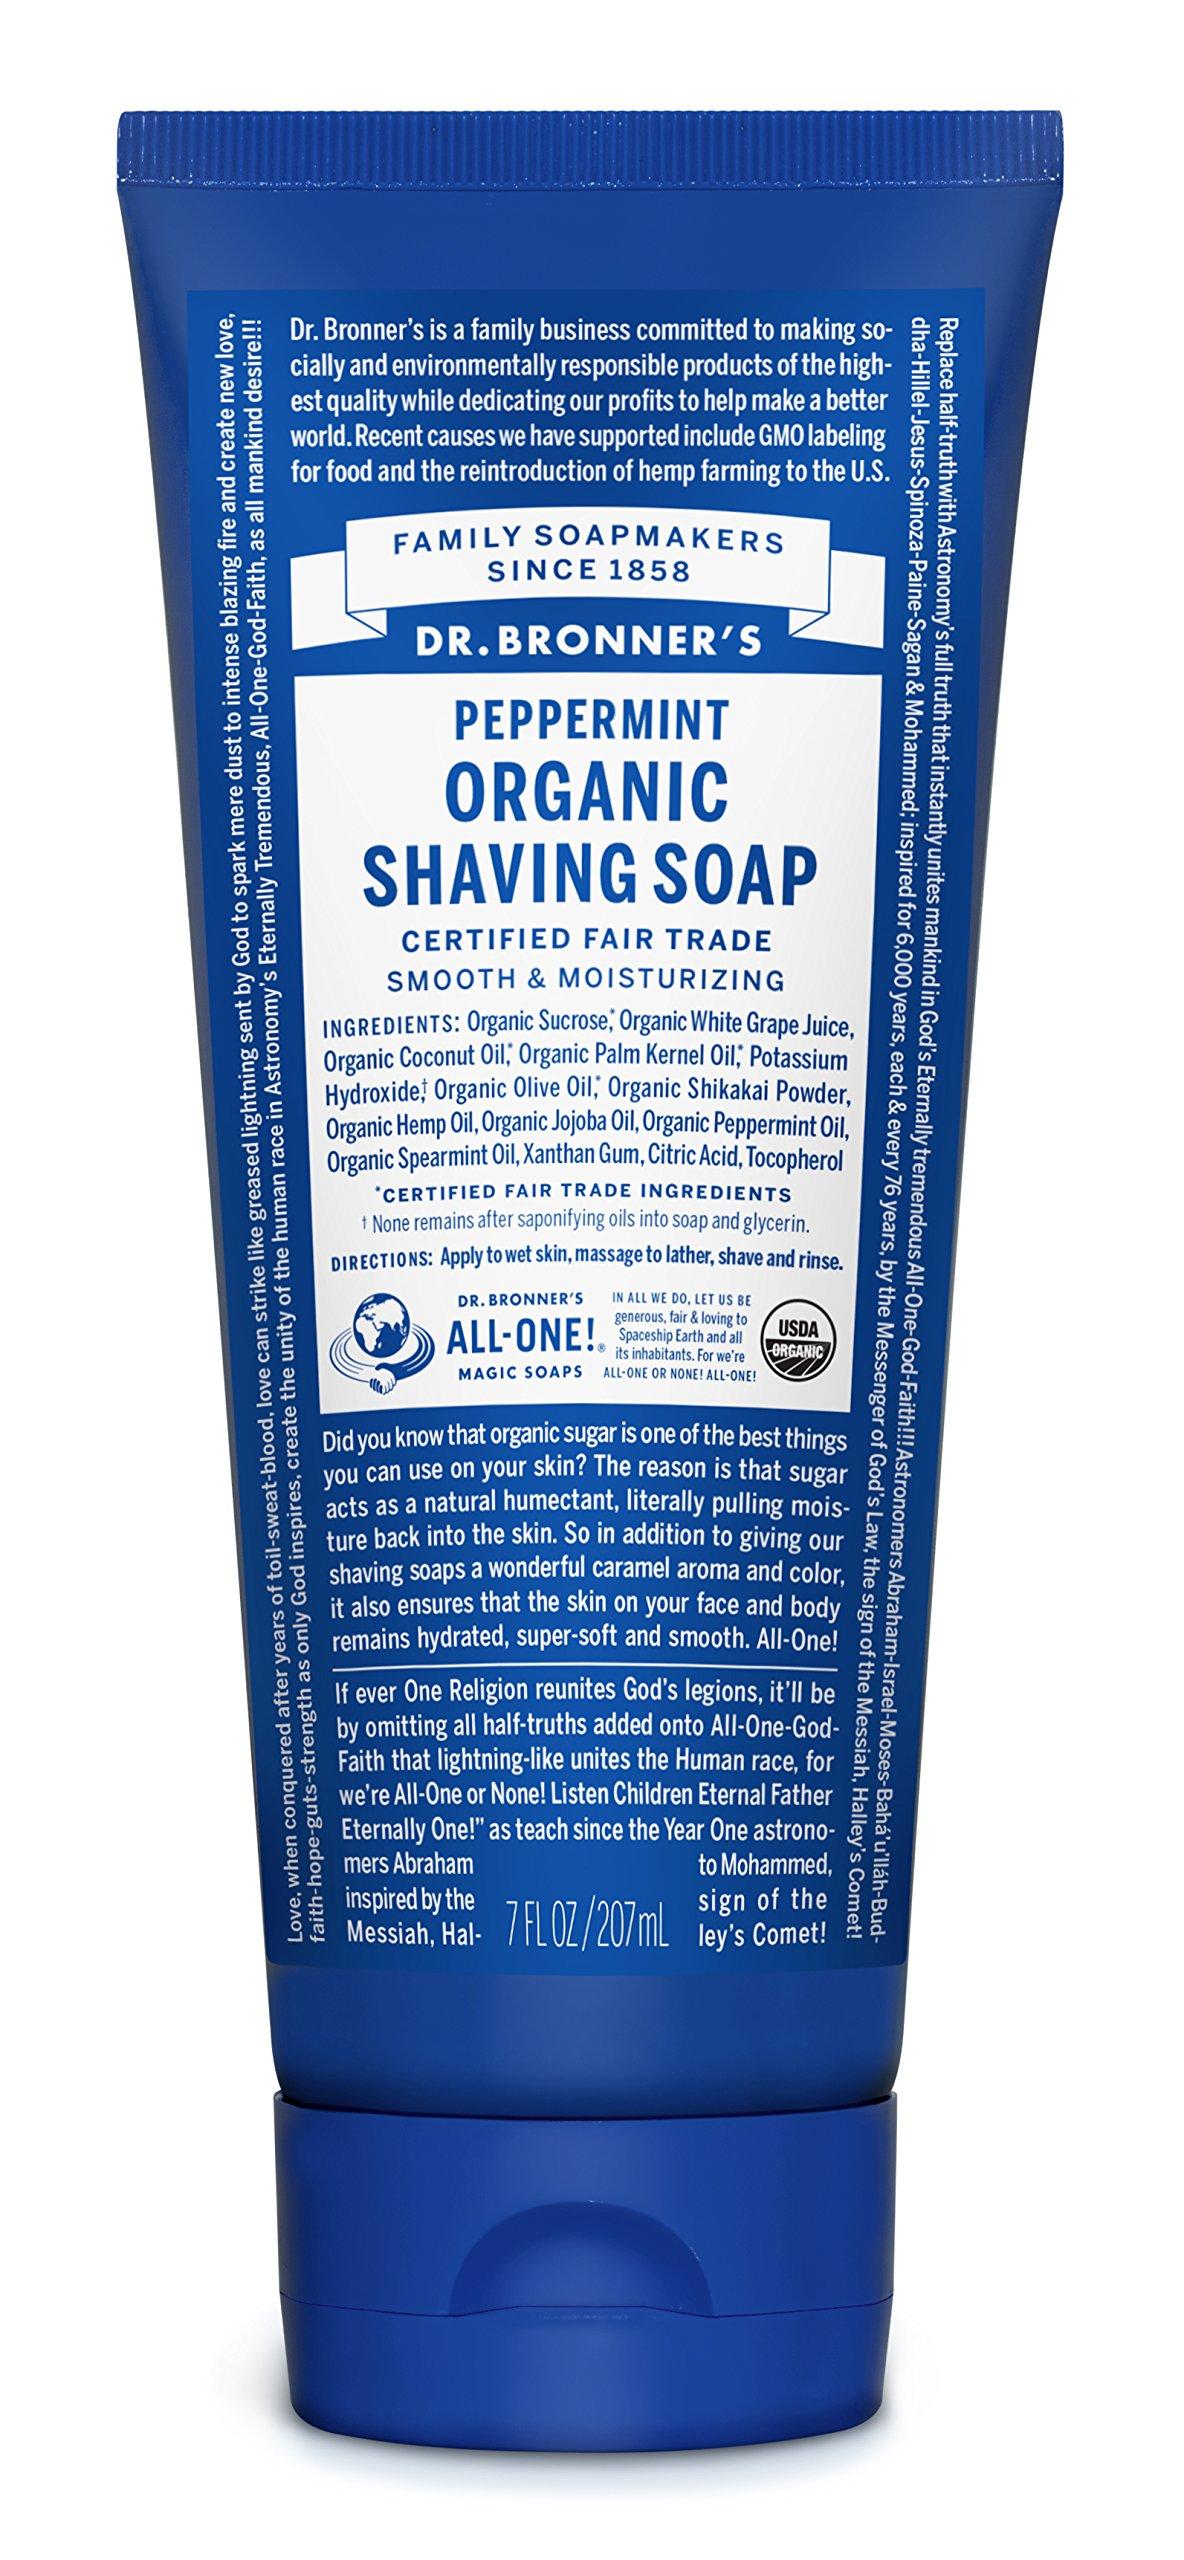 Dr. Bronner's Peppermint Organic Shaving Soap, 7 oz